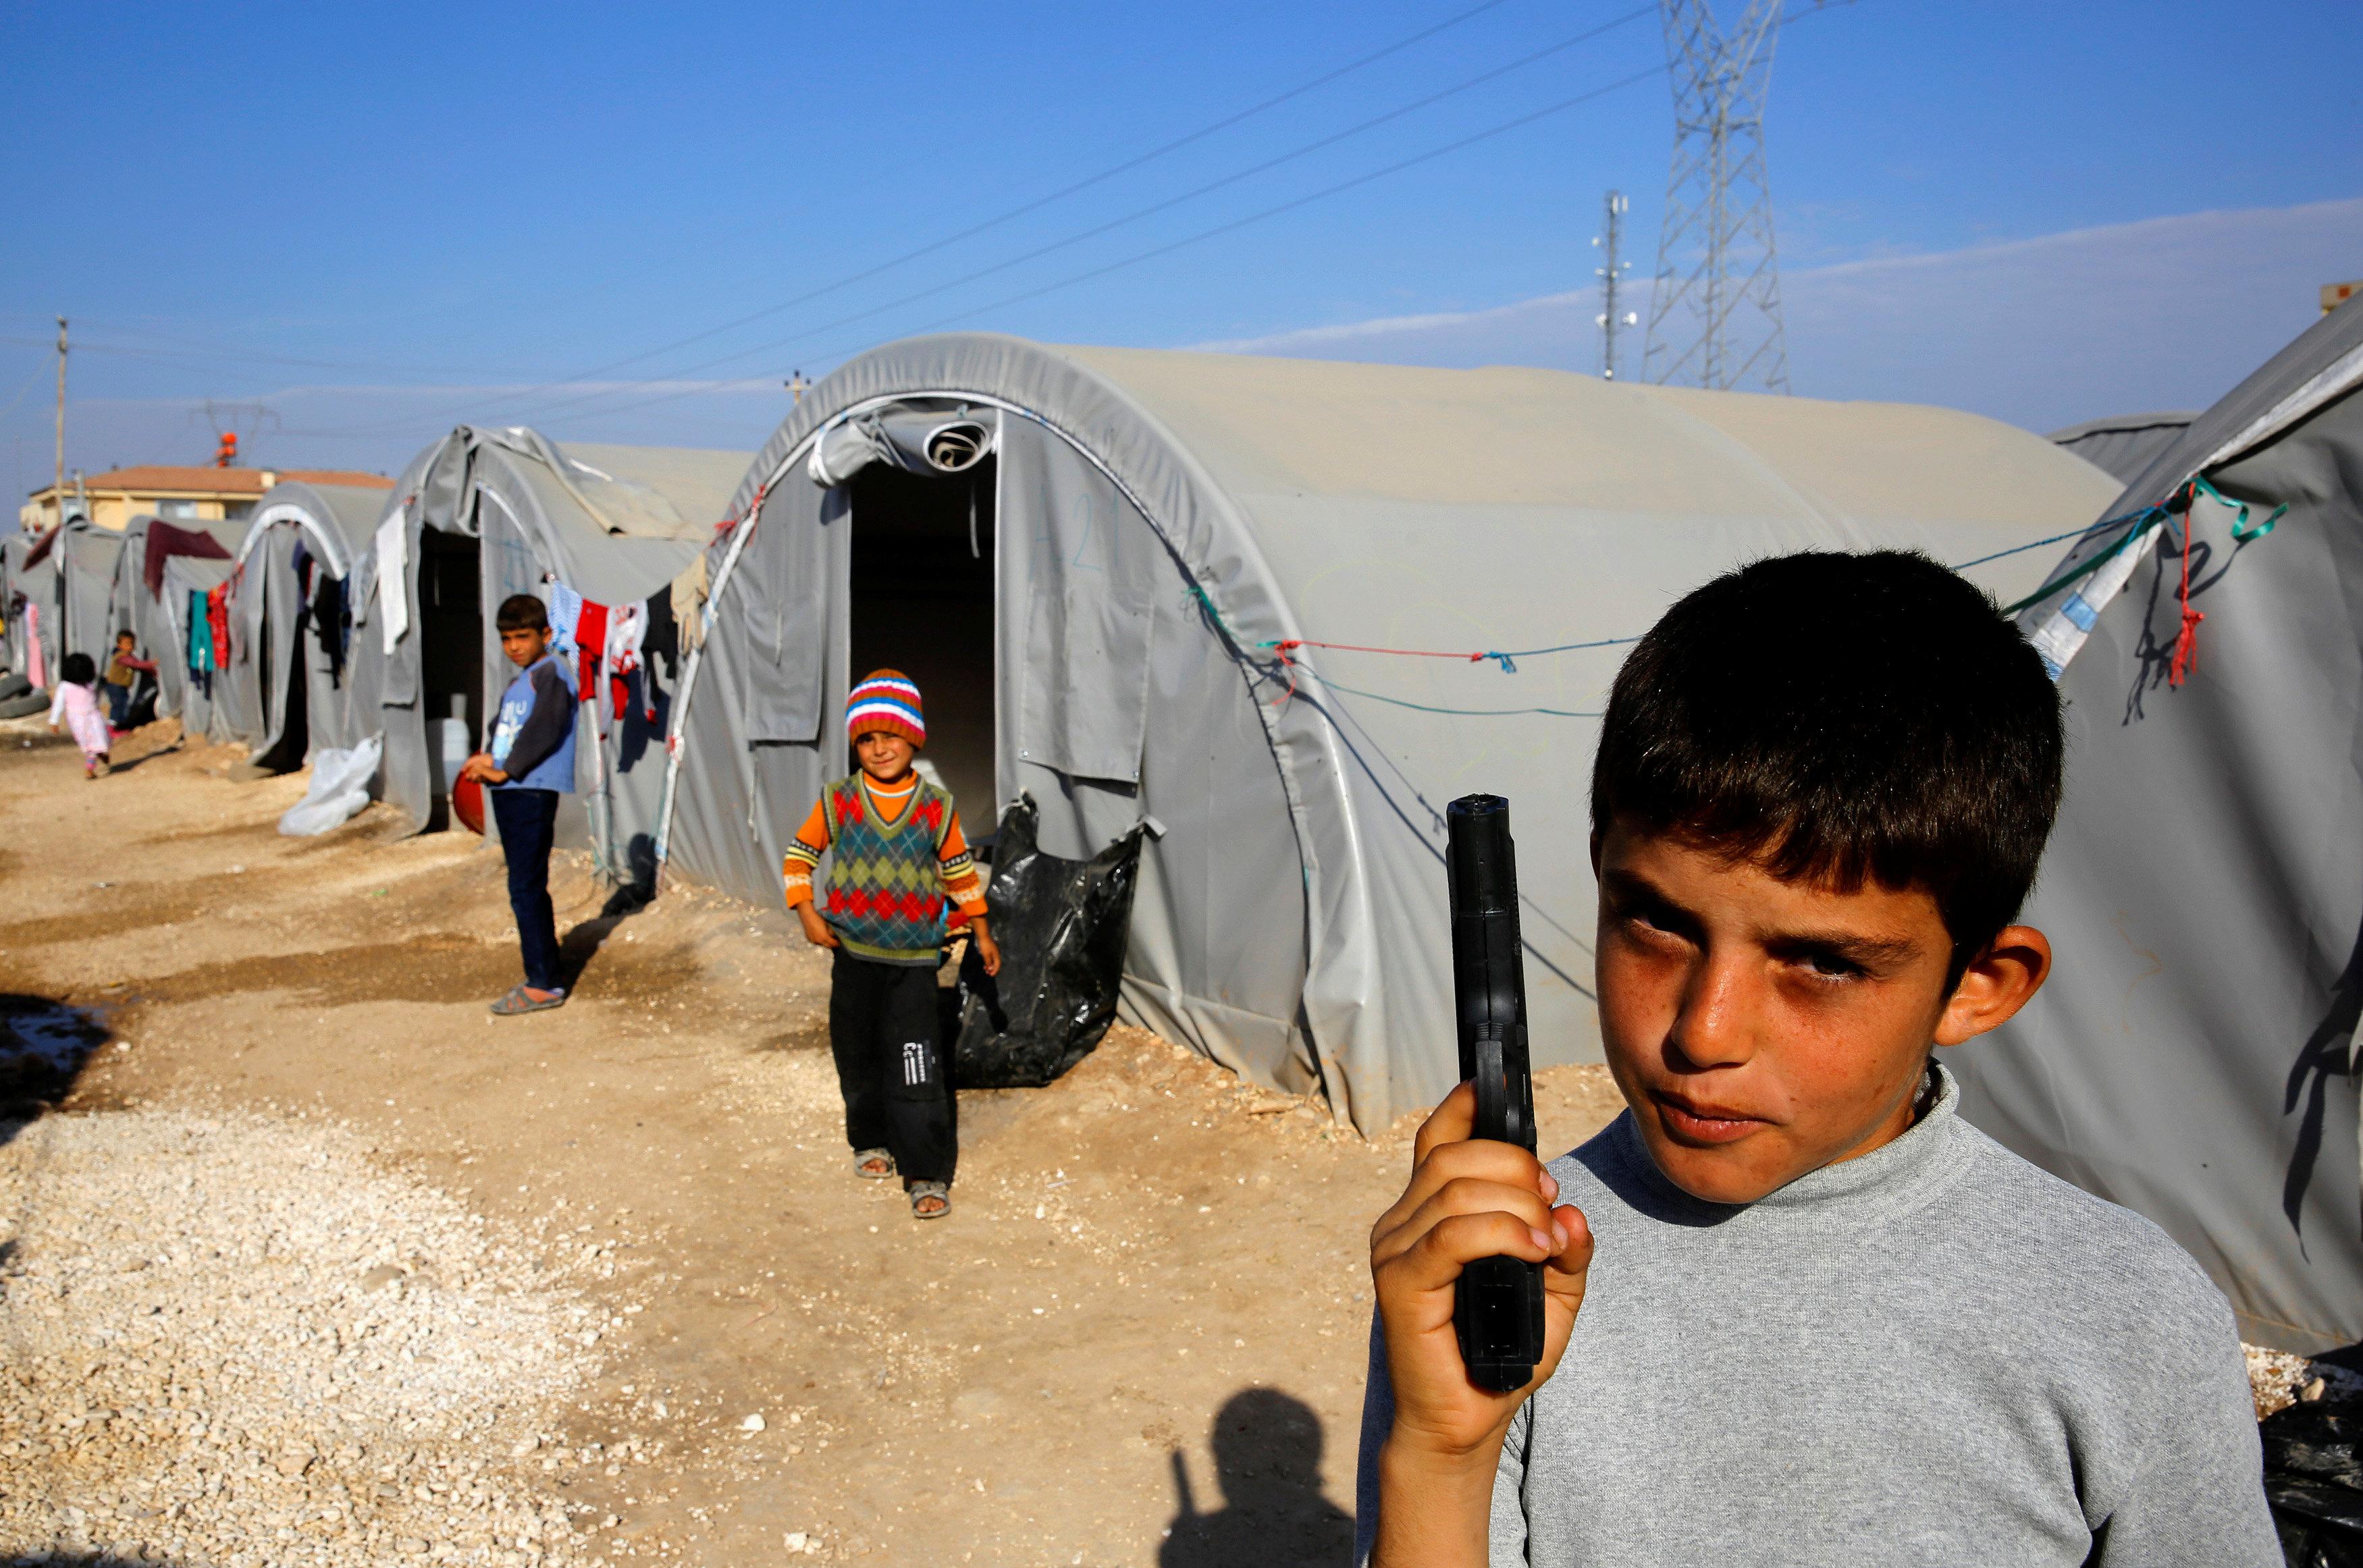 Un joven kurdo sostiene una pistola en un campo de refugiados, en octubre de 2014